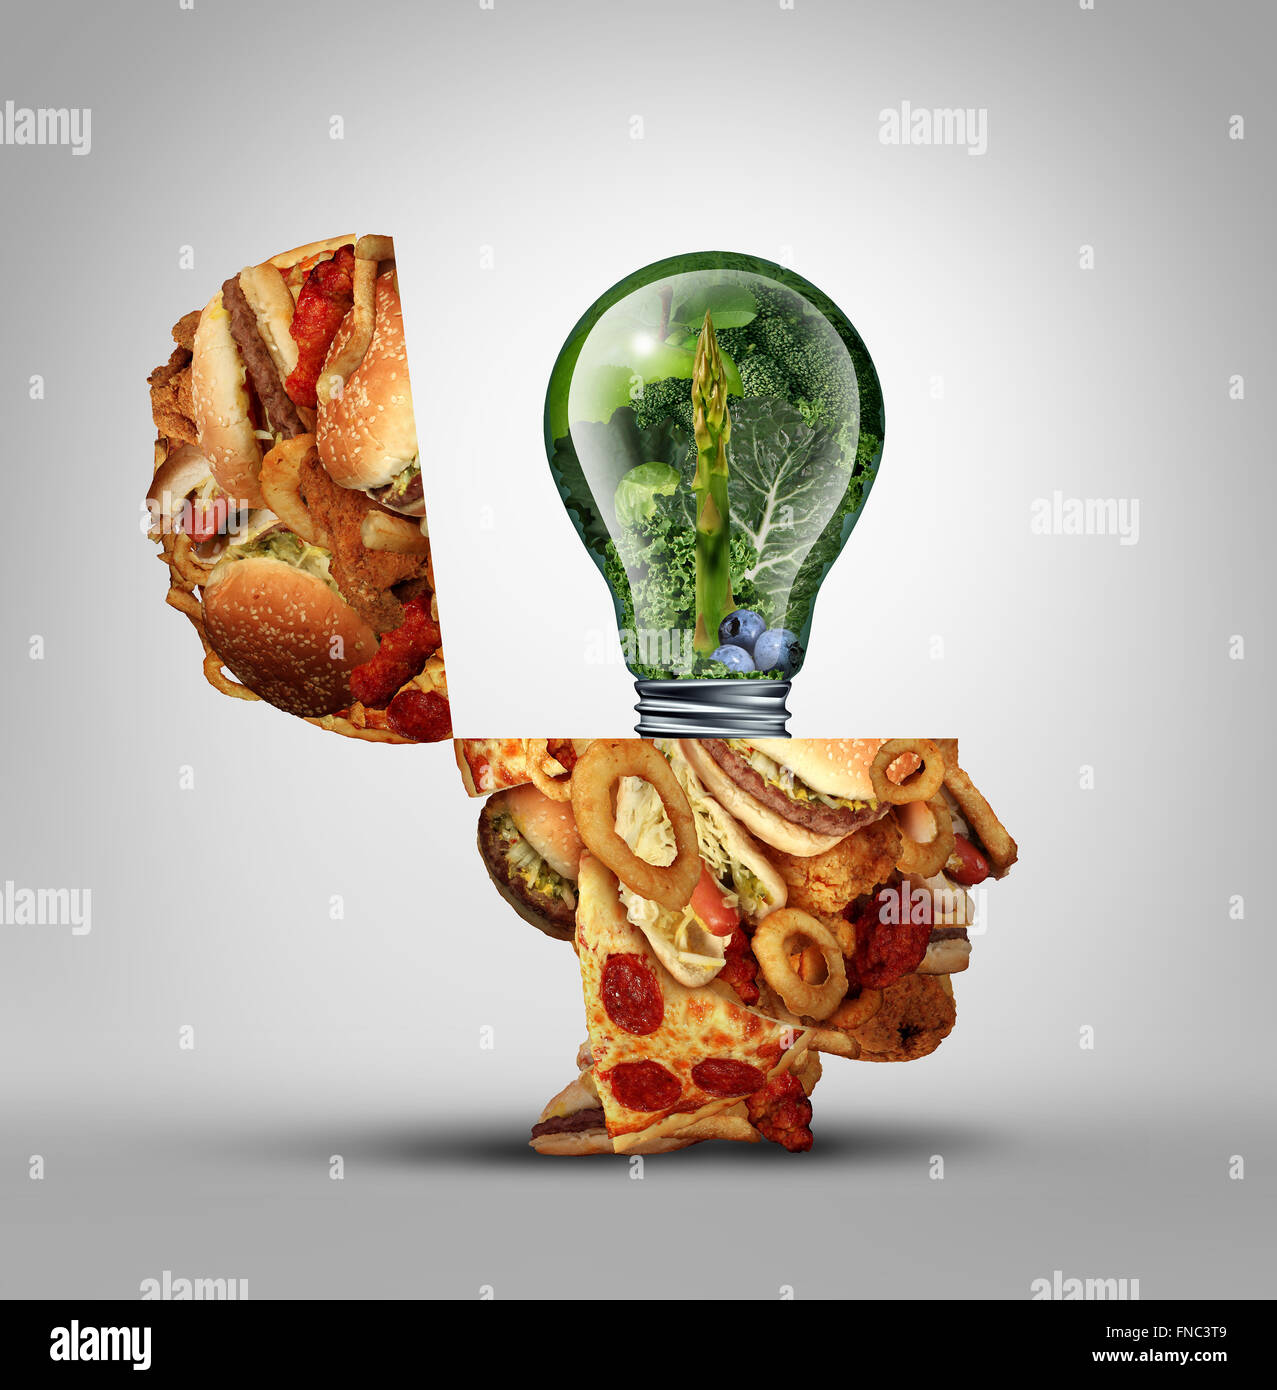 Diät-Ideen und Diät Inspiration Konzept als eine offene Menschenkopf fettigen Junk-Food mit einem Glühbirnensymbol Stockbild